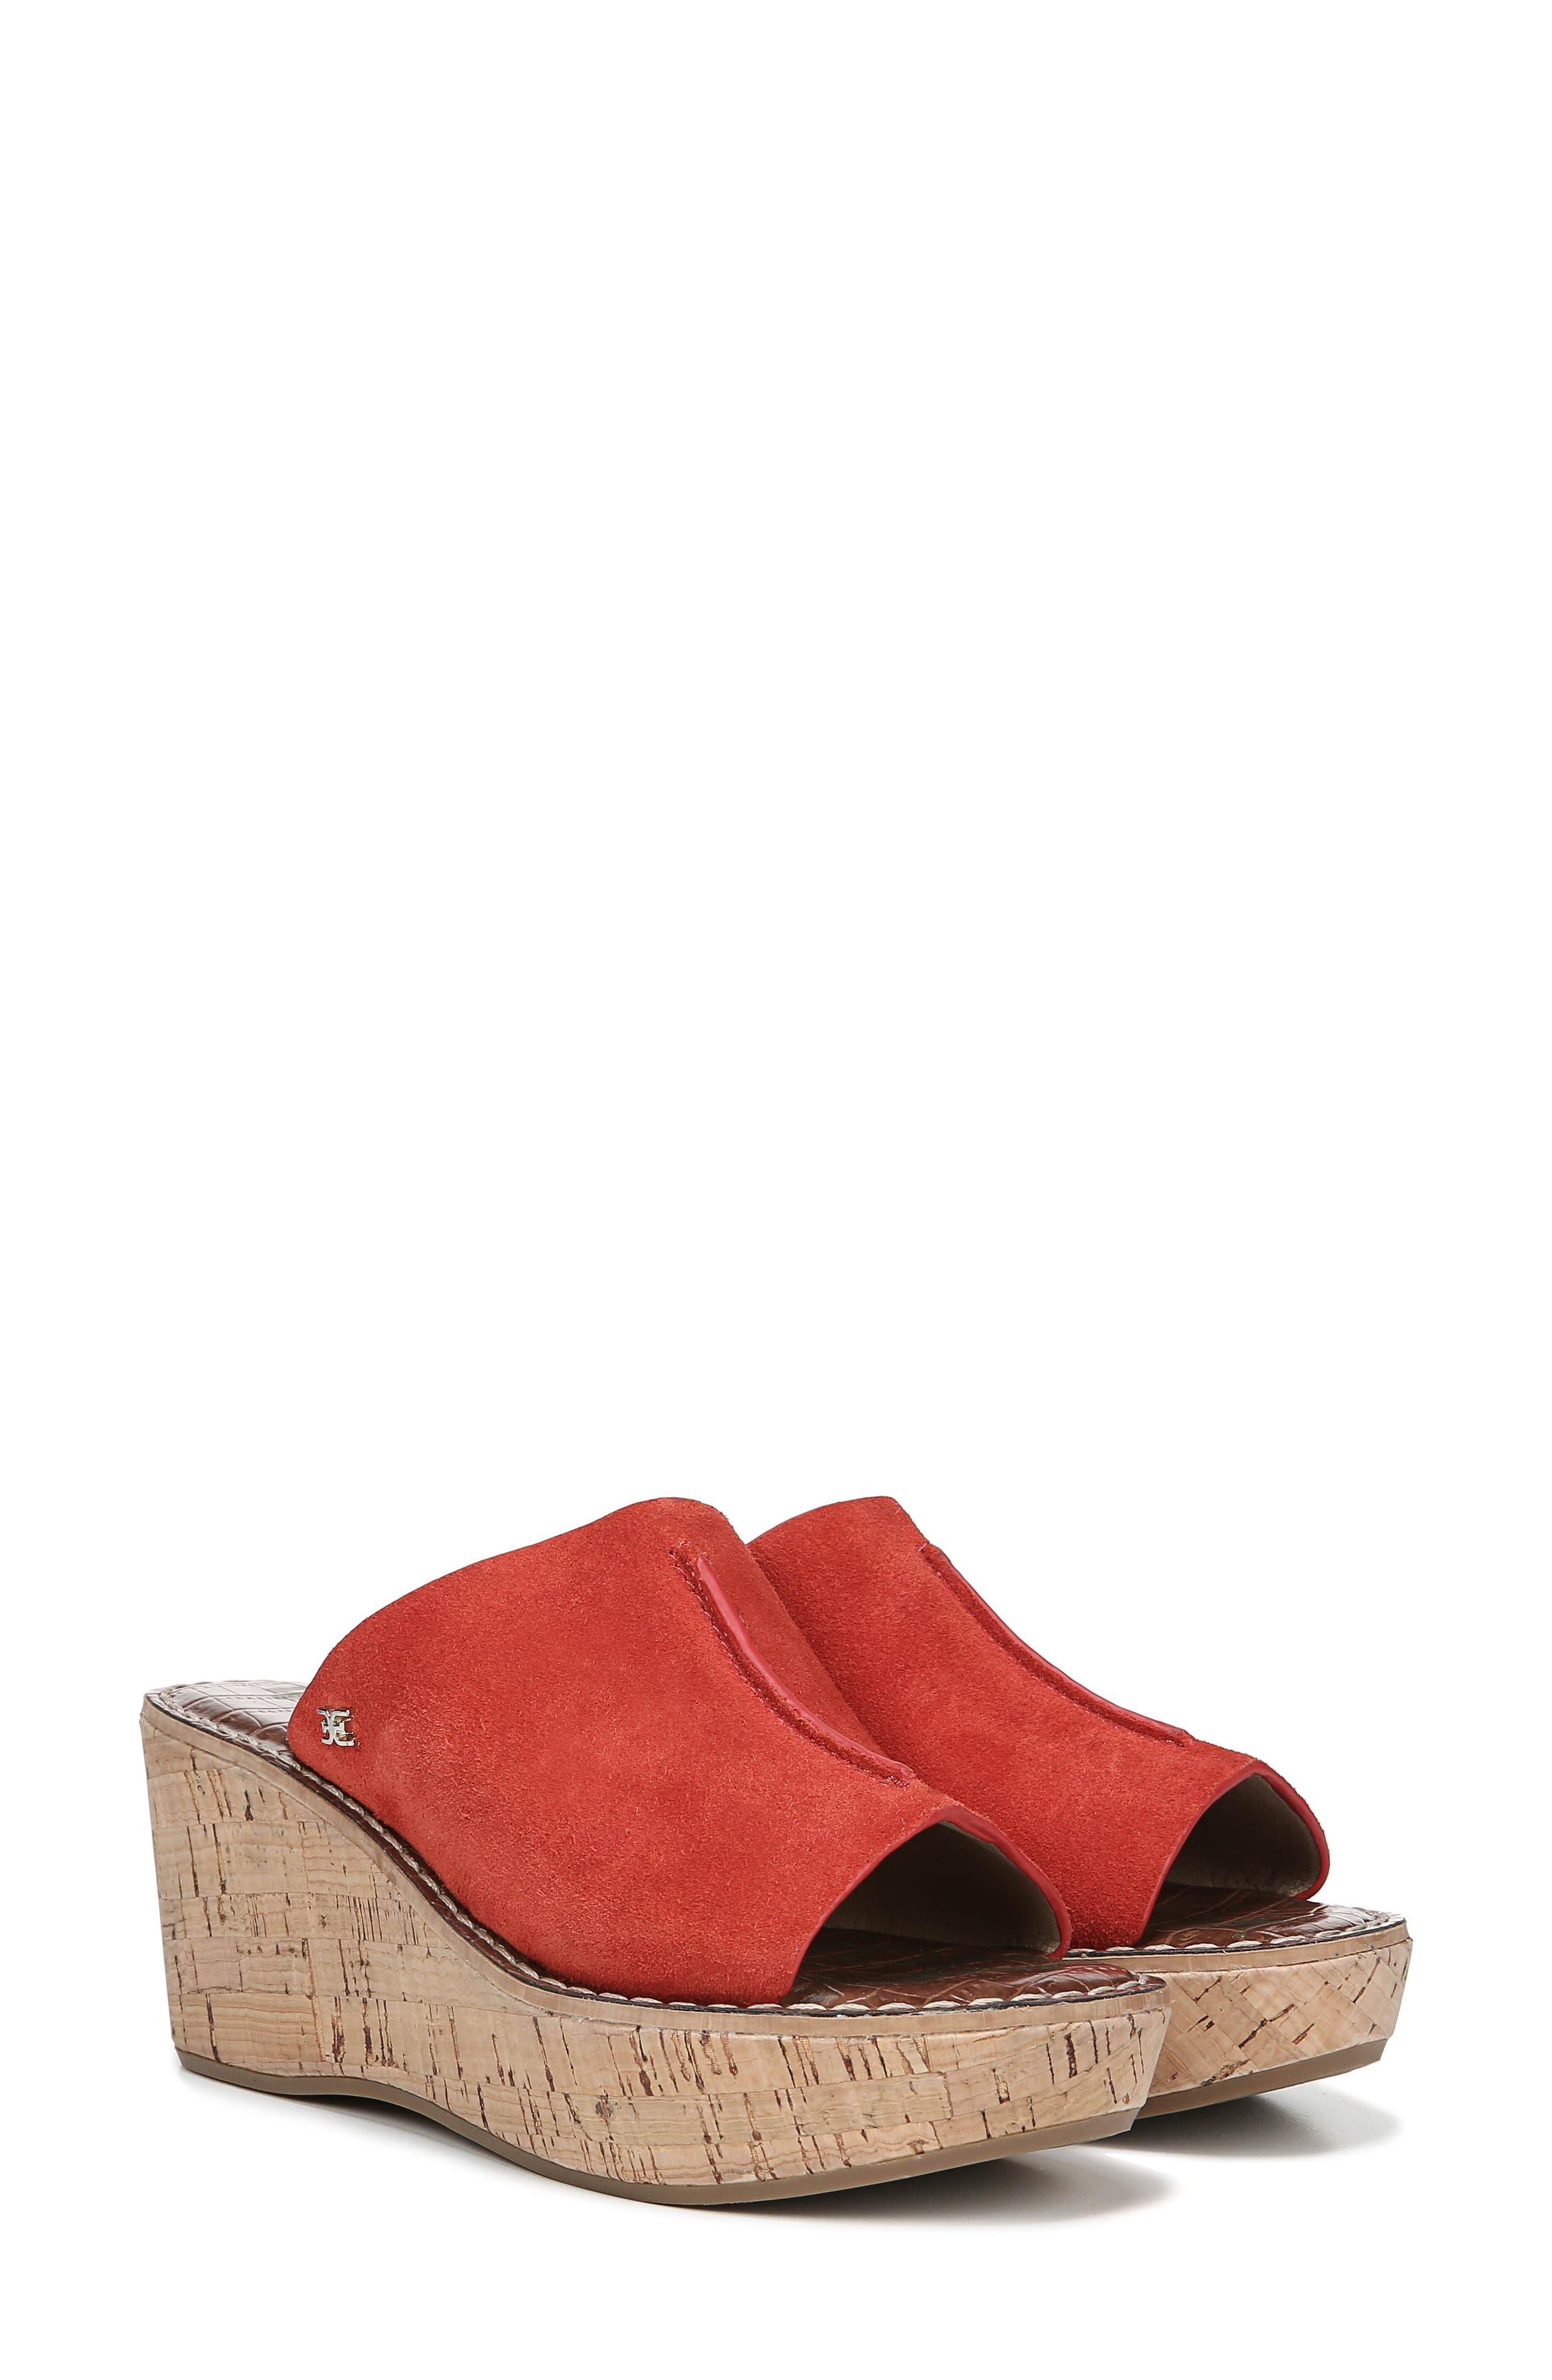 Ranger Platform Sandal,                             Alternate thumbnail 9, color,                             CANDY RED SUEDE